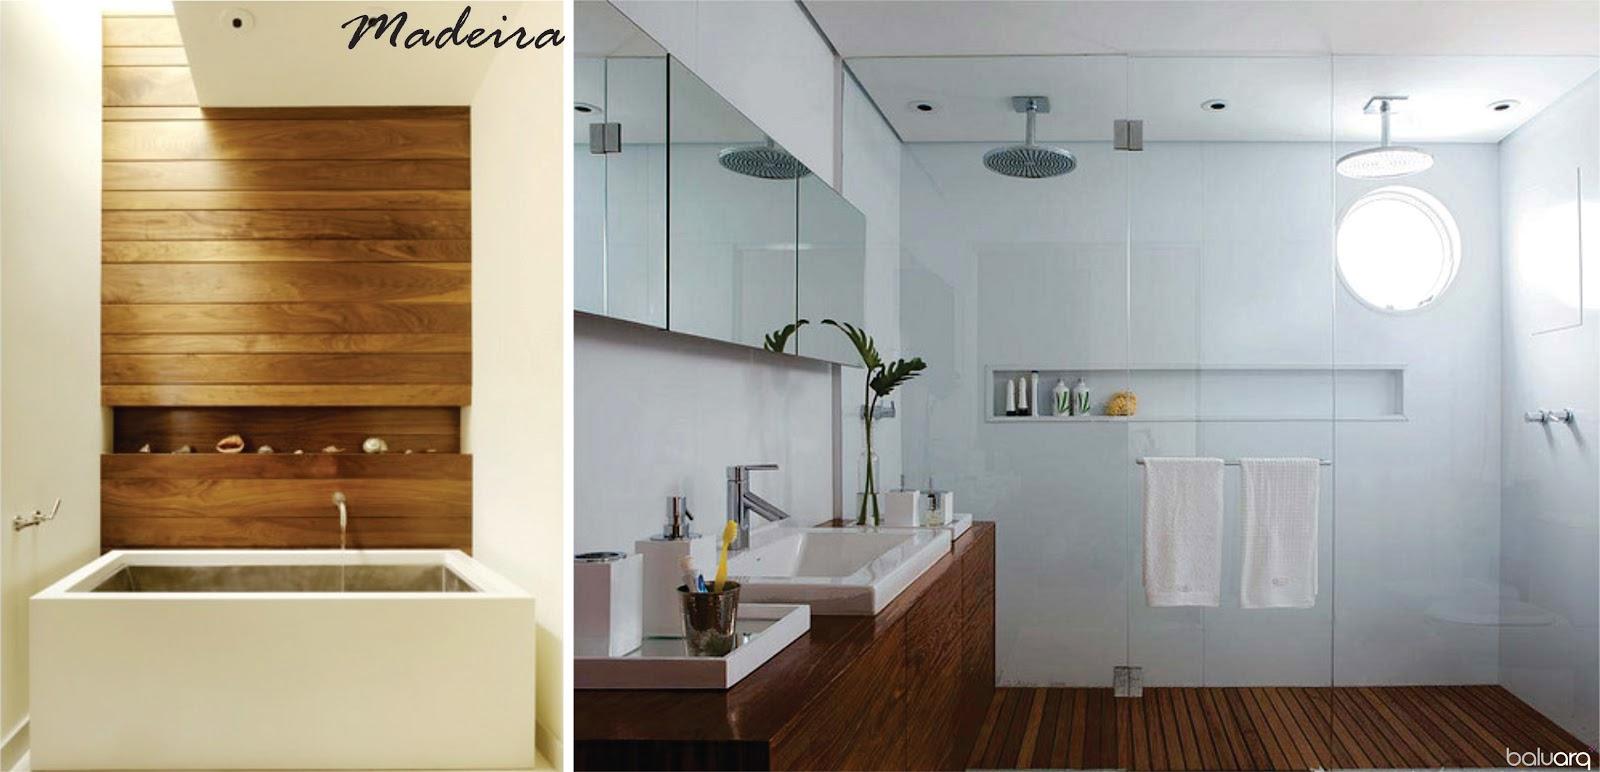 Banheiro Com Nicho Embutido  rinkratmagcom banheiros decorados 2017 -> Nicho Banheiro Embutido